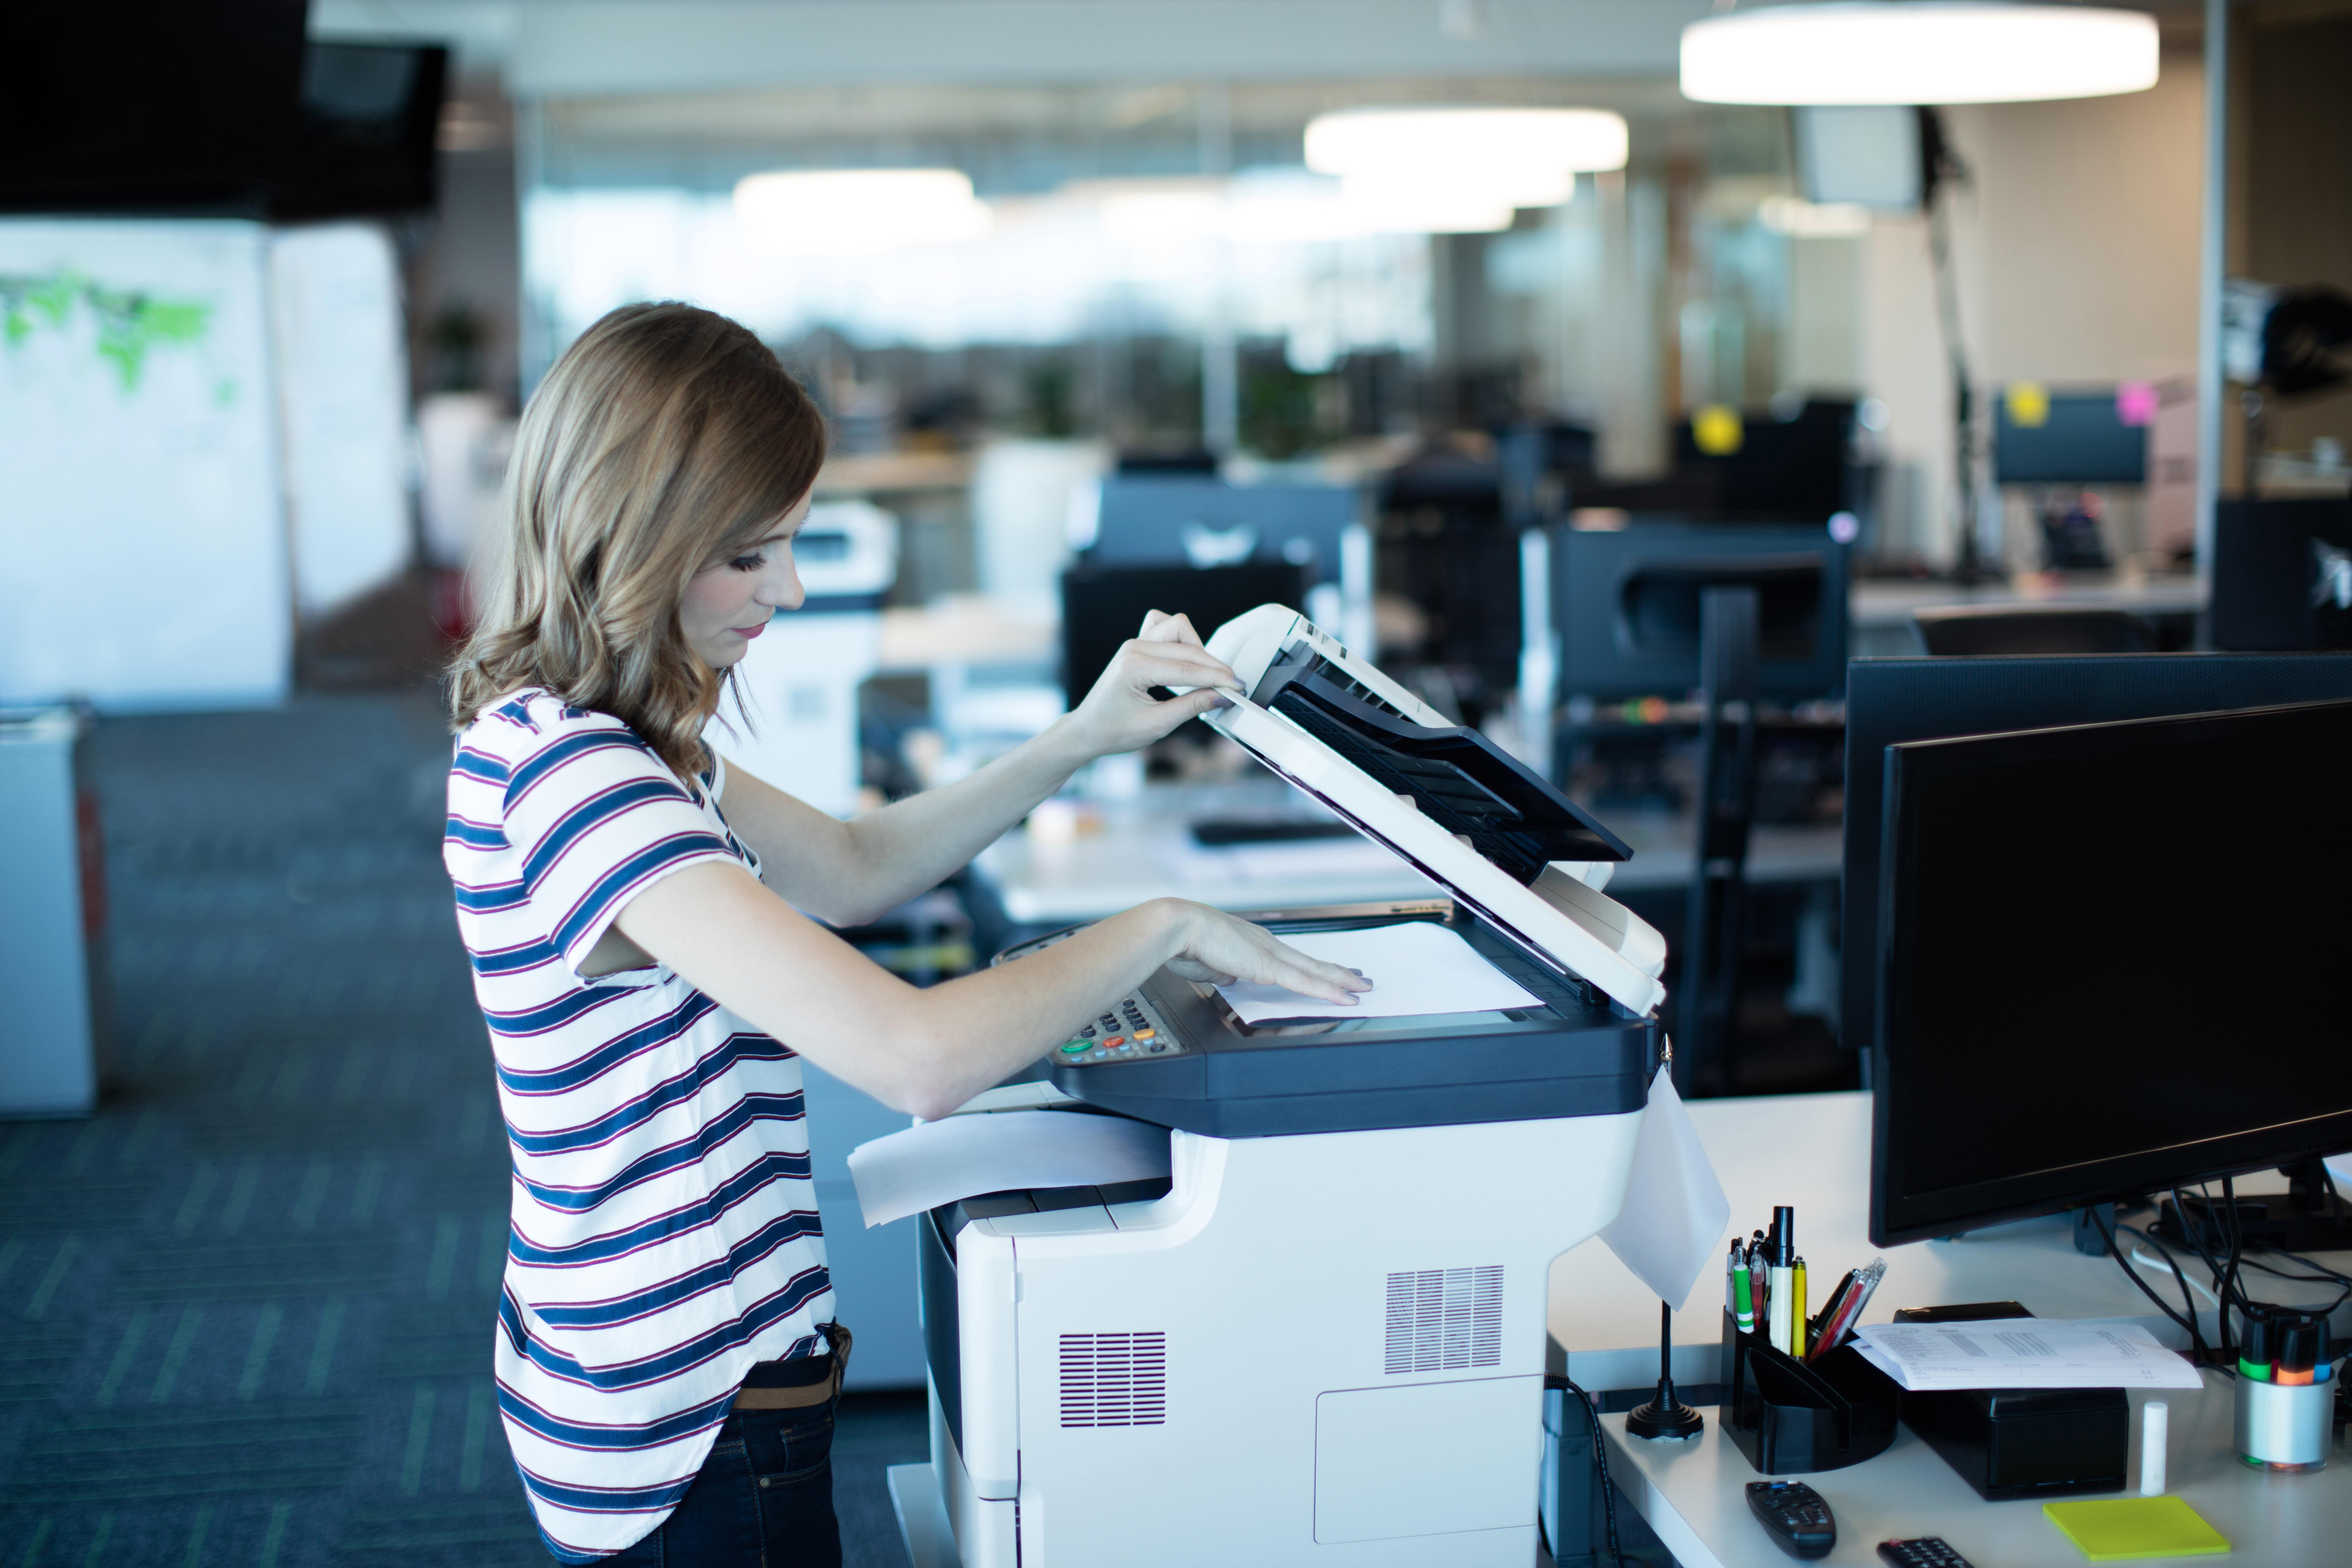 Eine junge Frau verwendet einen Kopierer der Strahlung emittieren kann